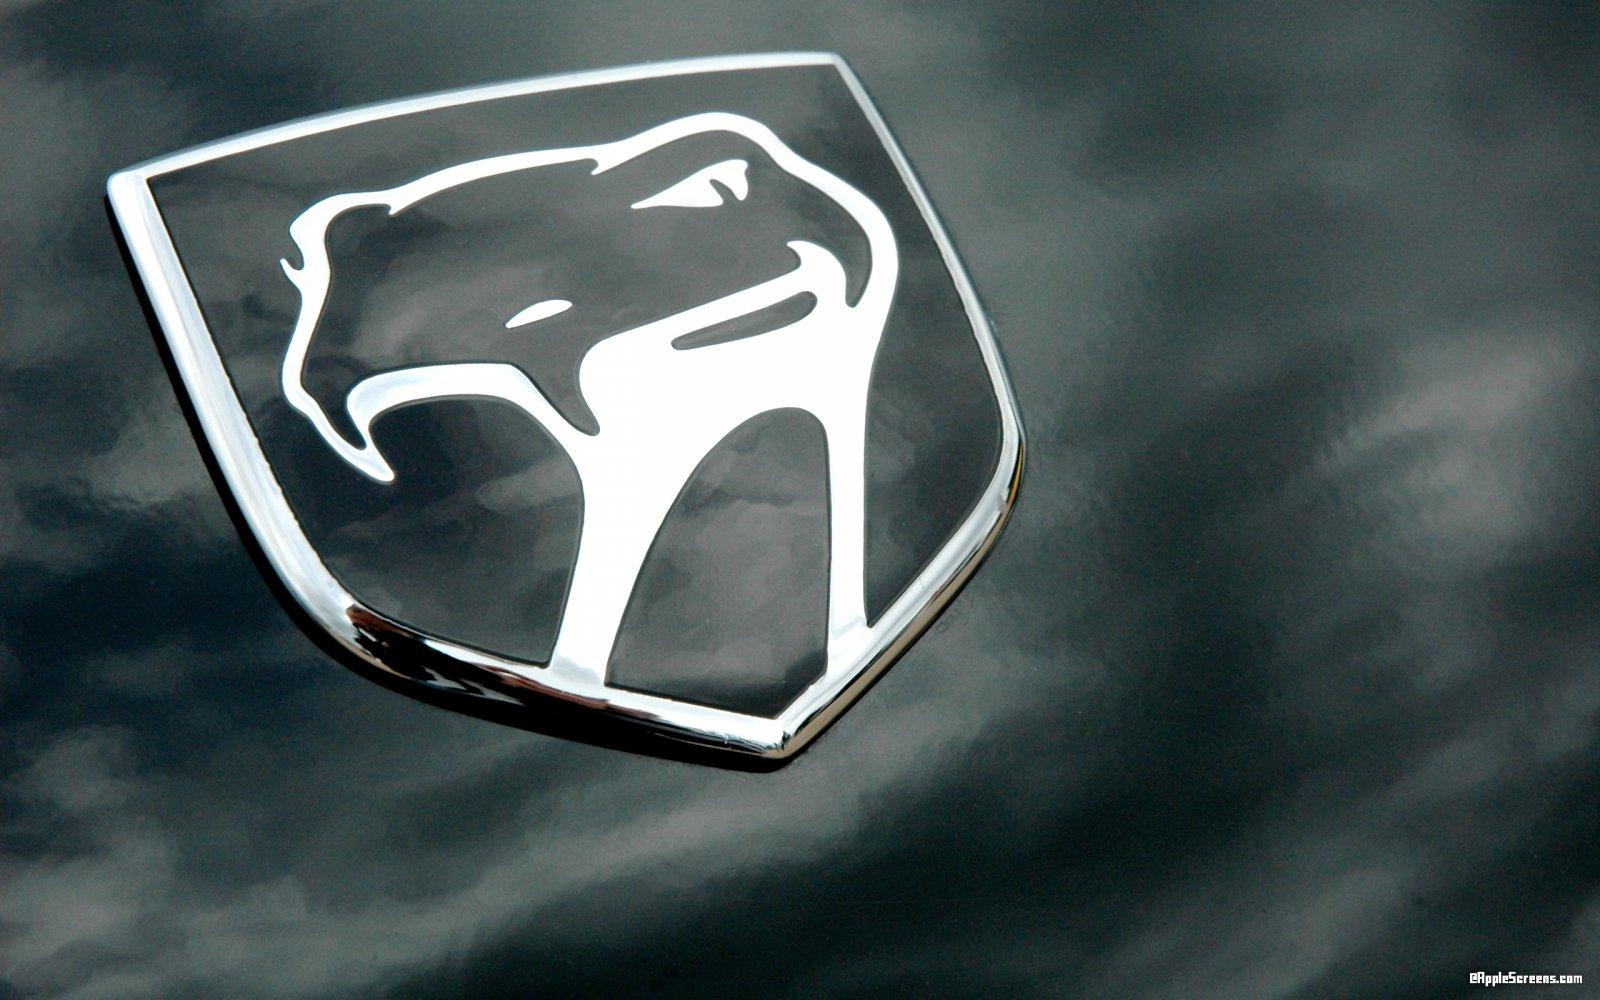 fond d'écran dodge viper logo.jpg